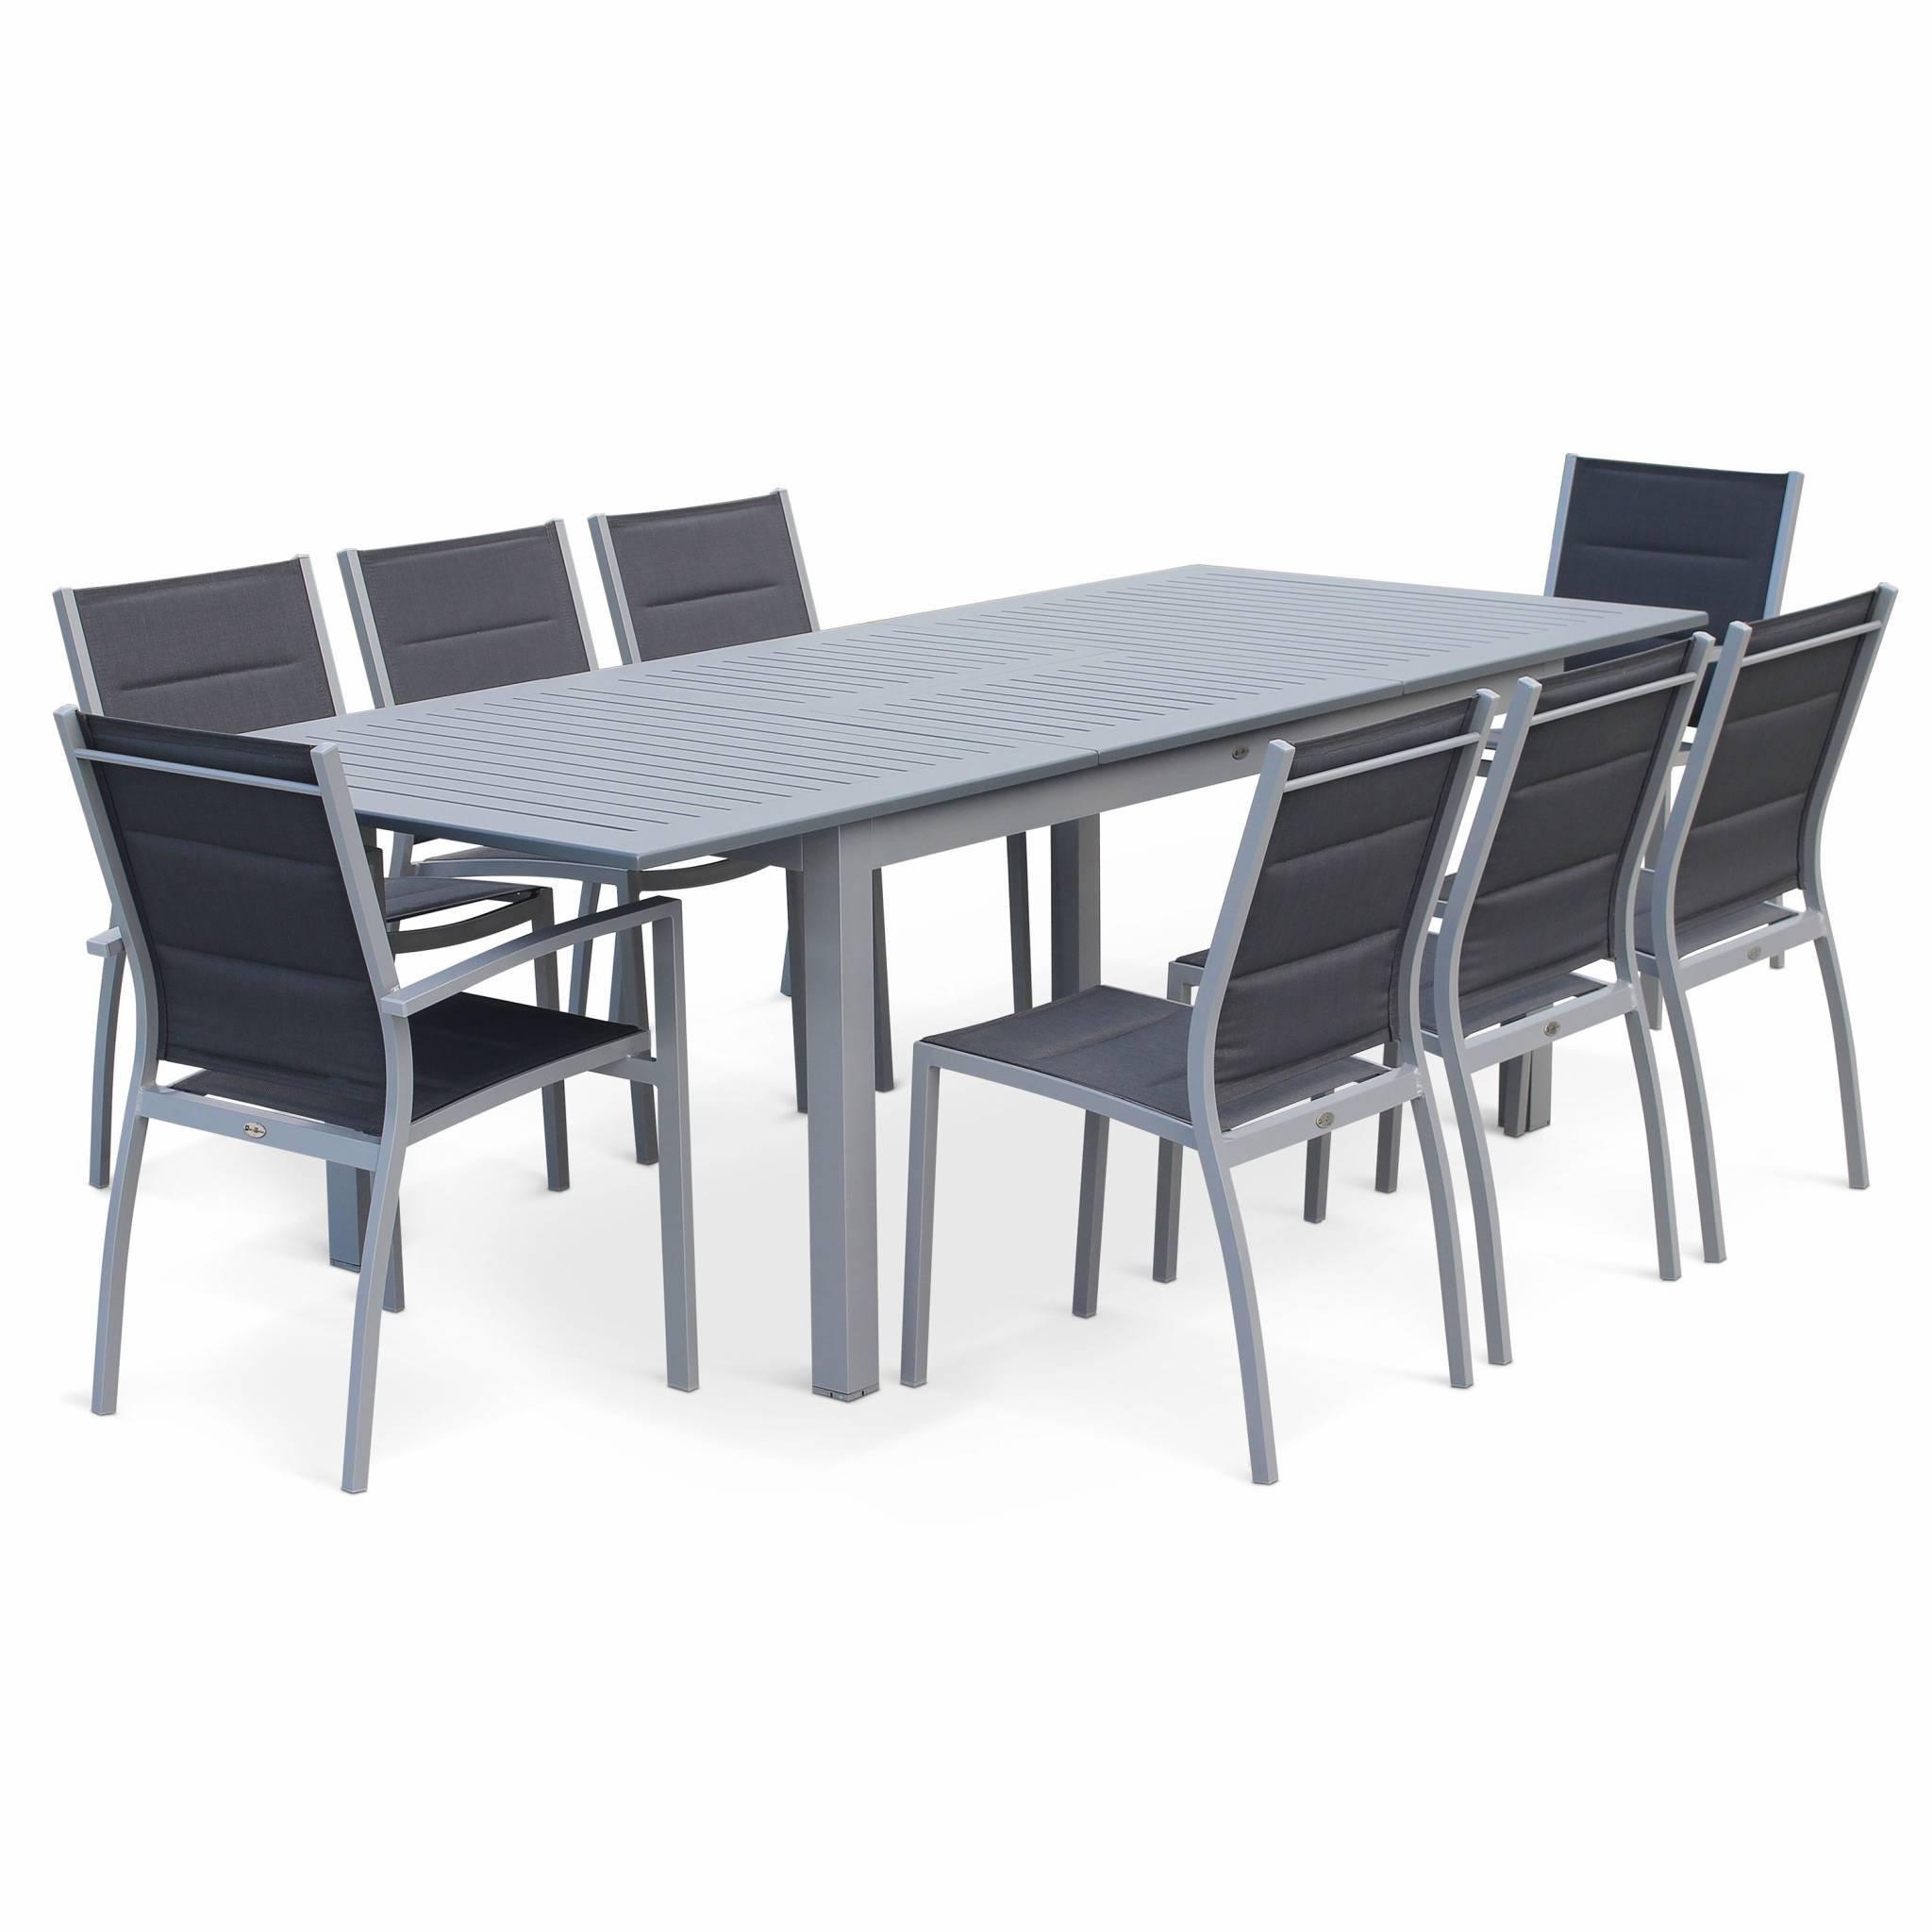 Chicago Gris foncé structure grise - Salon de jardin 8 places table à rallonge extensible 175/245cm alu gris textilène gris